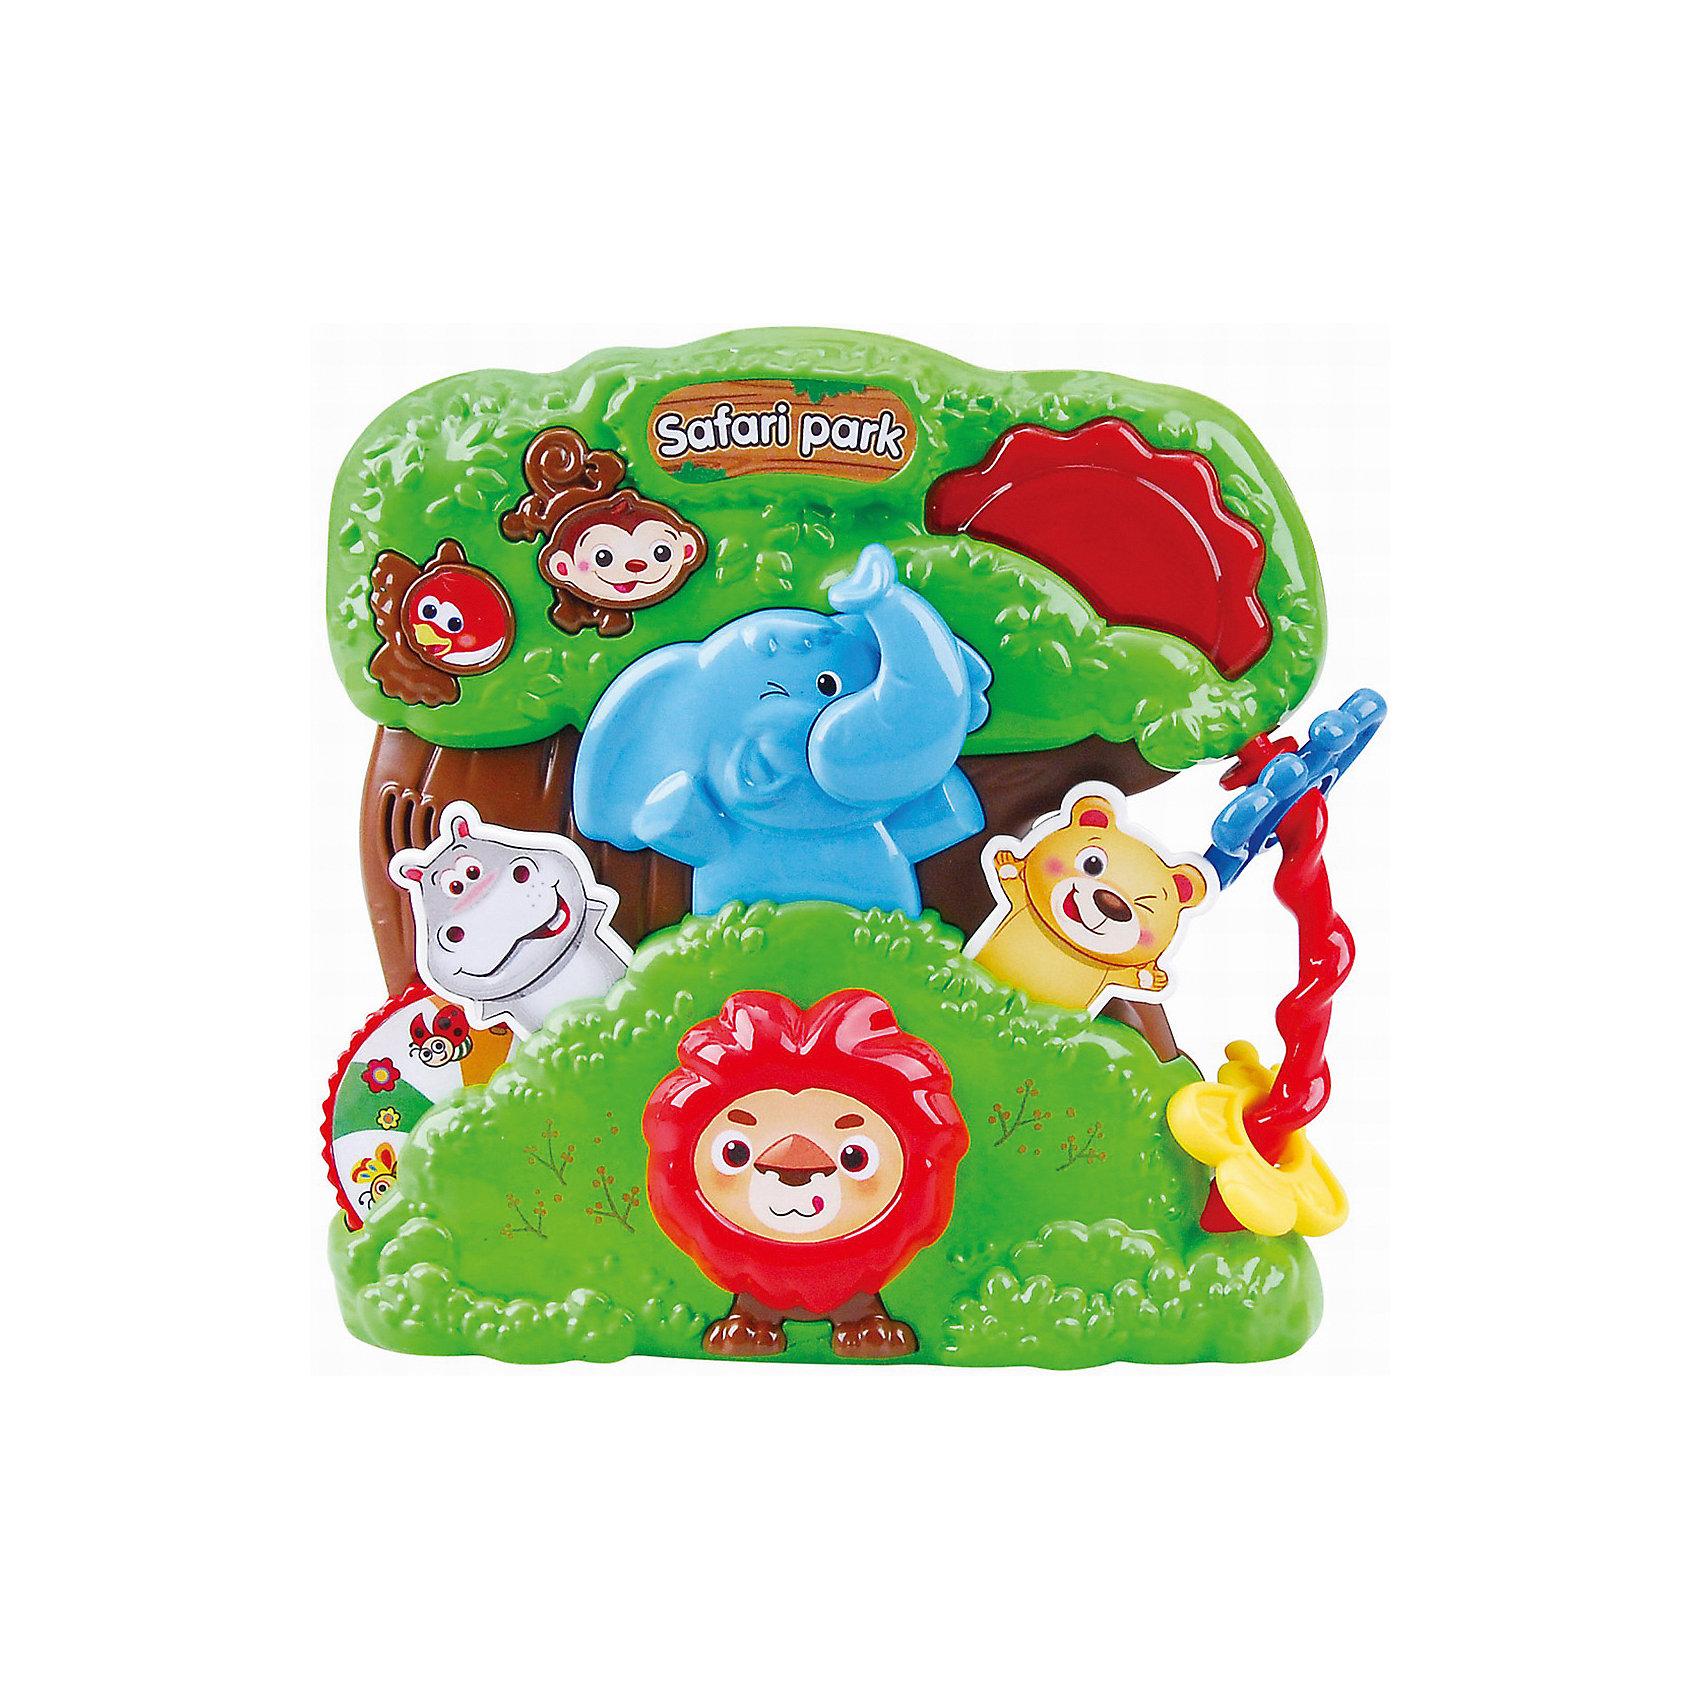 Развивающая игрушка Сафари парк, PlaygoРазвивающие игрушки<br>Развивающая игрушка Сафари парк, Playgo<br><br>Характеристики:<br>- Материал: пластик<br>- В комплект входит: игрушка, батарейки 2шт. <br>- Элементы питания: батарейки АА<br>- Размер упаковки: 22 * 5 * 20 см.<br>- Вес: 430 гр.<br>Парк Сафари от известного китайского бренда развивающих игрушек для детей Playgo (Плейго) станет прекрасным подарком для крохи. Львенок, бегемотик, медвежонок, слоненок и озорная обезьянка в зеленом тропическом парке рады провести время с малышом. Колесо фортуны бегемотика крутится и показывает насекомых парка, а нажимая на кнопочки можно узнать как говорят животные и послушать песенки. Кроме того, на пластиковой игрушке имеется крутящийся барабан и двигающиеся цветные колечки-цветочки. Изготовленная из качественного пластика, яркая игрушка поможет развить тактильные ощущения, звуковое восприятие, воображение, световое восприятие и моторику ручек. Небольшой размер позволит брать веселую игрушку на прогулку или в поездку.<br>Развивающую игрушку Сафари парк, Playgo (Плейго) можно купить в нашем интернет-магазине.<br>Подробнее:<br>• Для детей в возрасте: от 6 до 24 месяцев <br>• Номер товара: 5054054<br>Страна производитель: Китай<br><br>Ширина мм: 210<br>Глубина мм: 200<br>Высота мм: 55<br>Вес г: 430<br>Возраст от месяцев: 6<br>Возраст до месяцев: 24<br>Пол: Унисекс<br>Возраст: Детский<br>SKU: 5054054